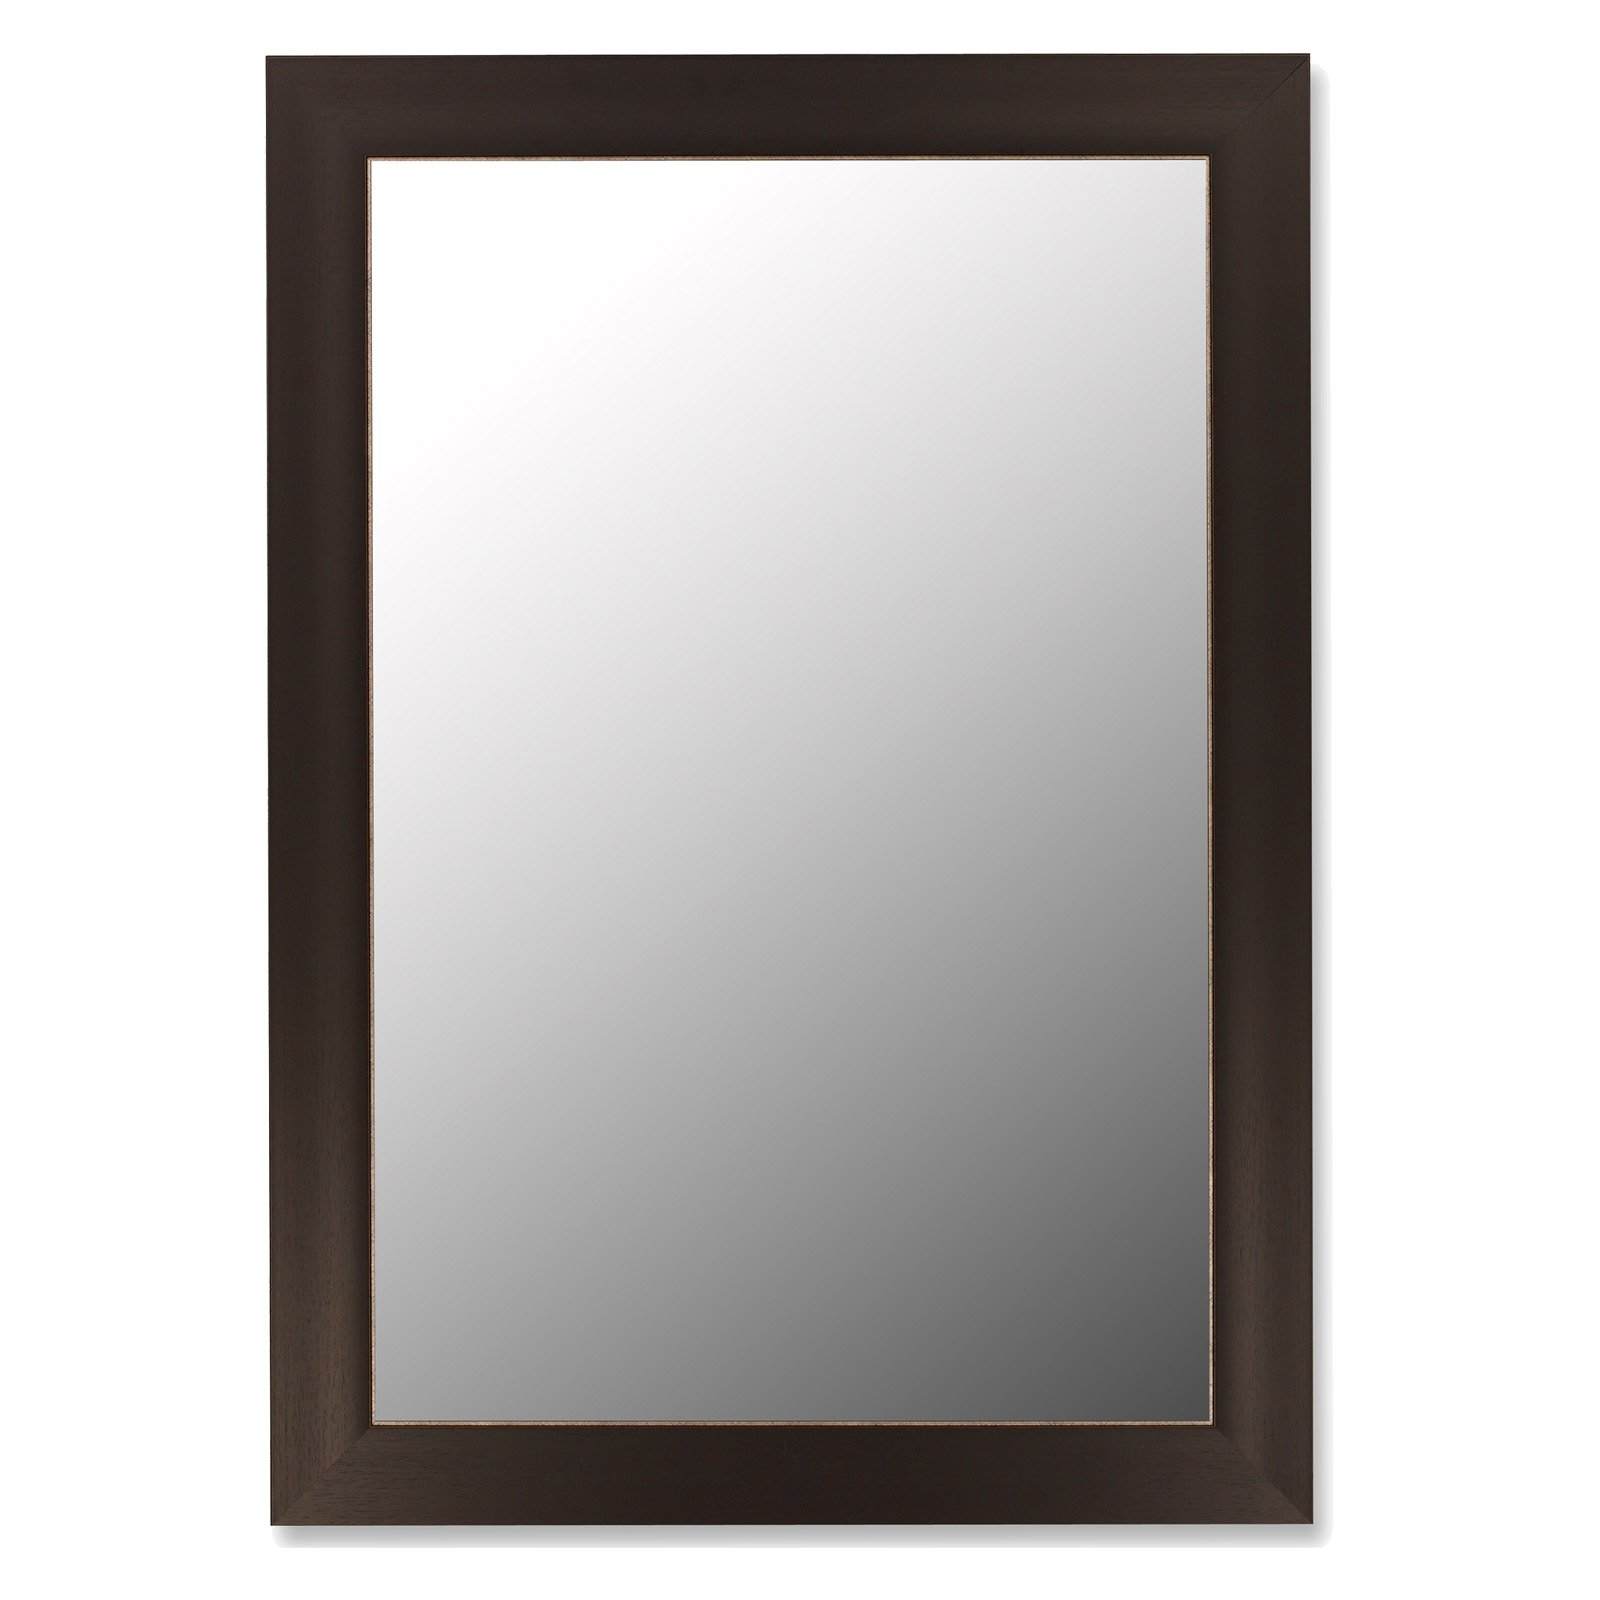 Espresso Framed Wall Mirror